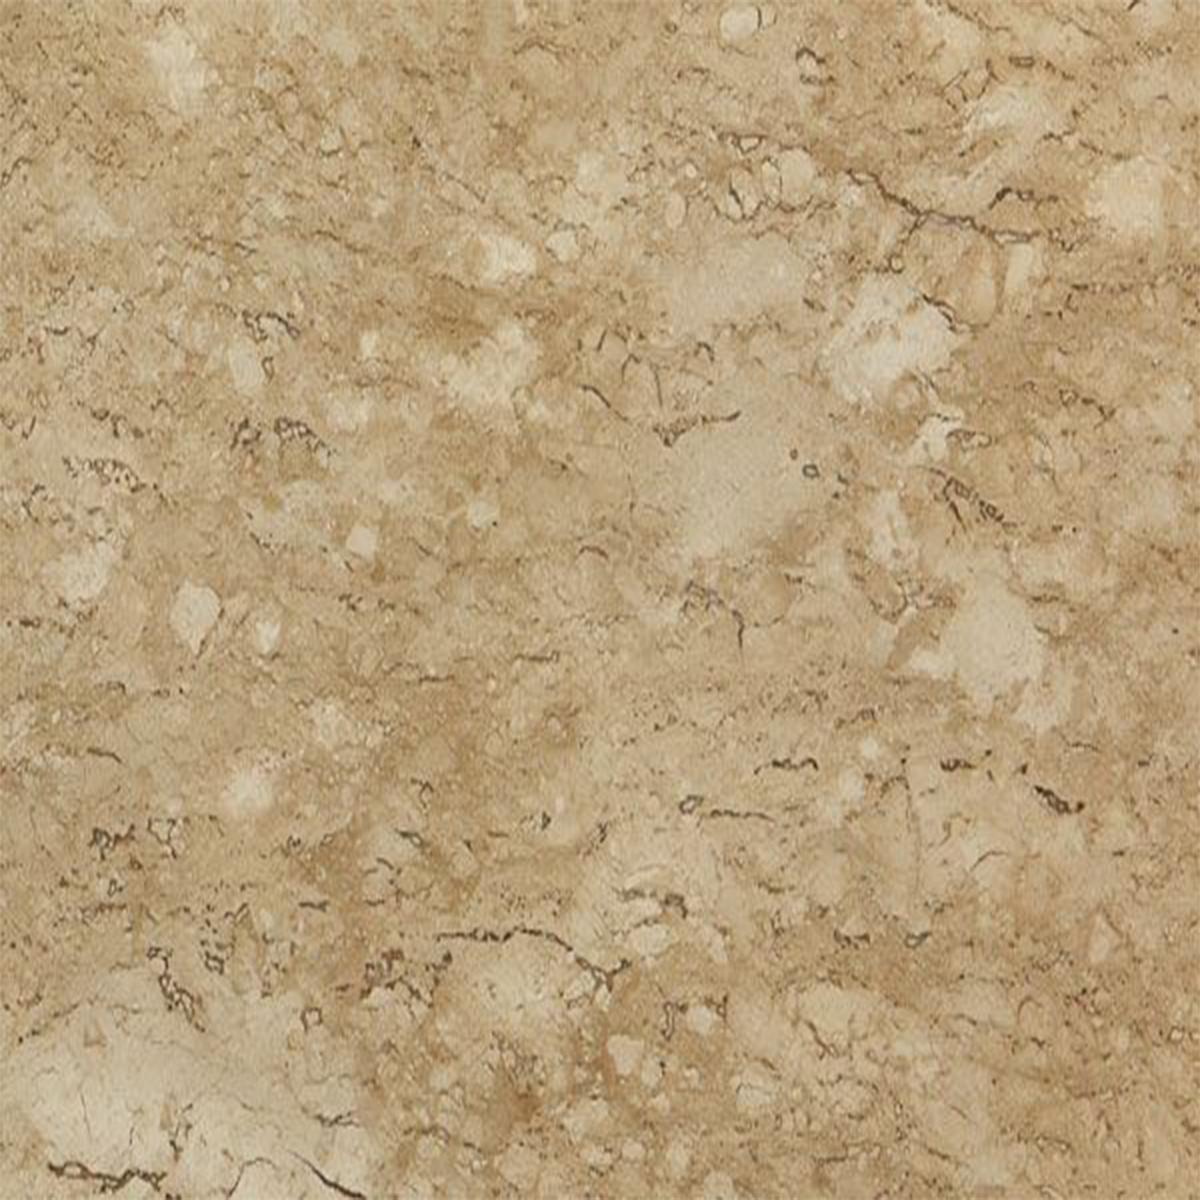 Atual Marmoraria  Especializada em Granitos e Mármores em Florianópolis e Sã -> Banheiro Decorado Com Marmore Travertino